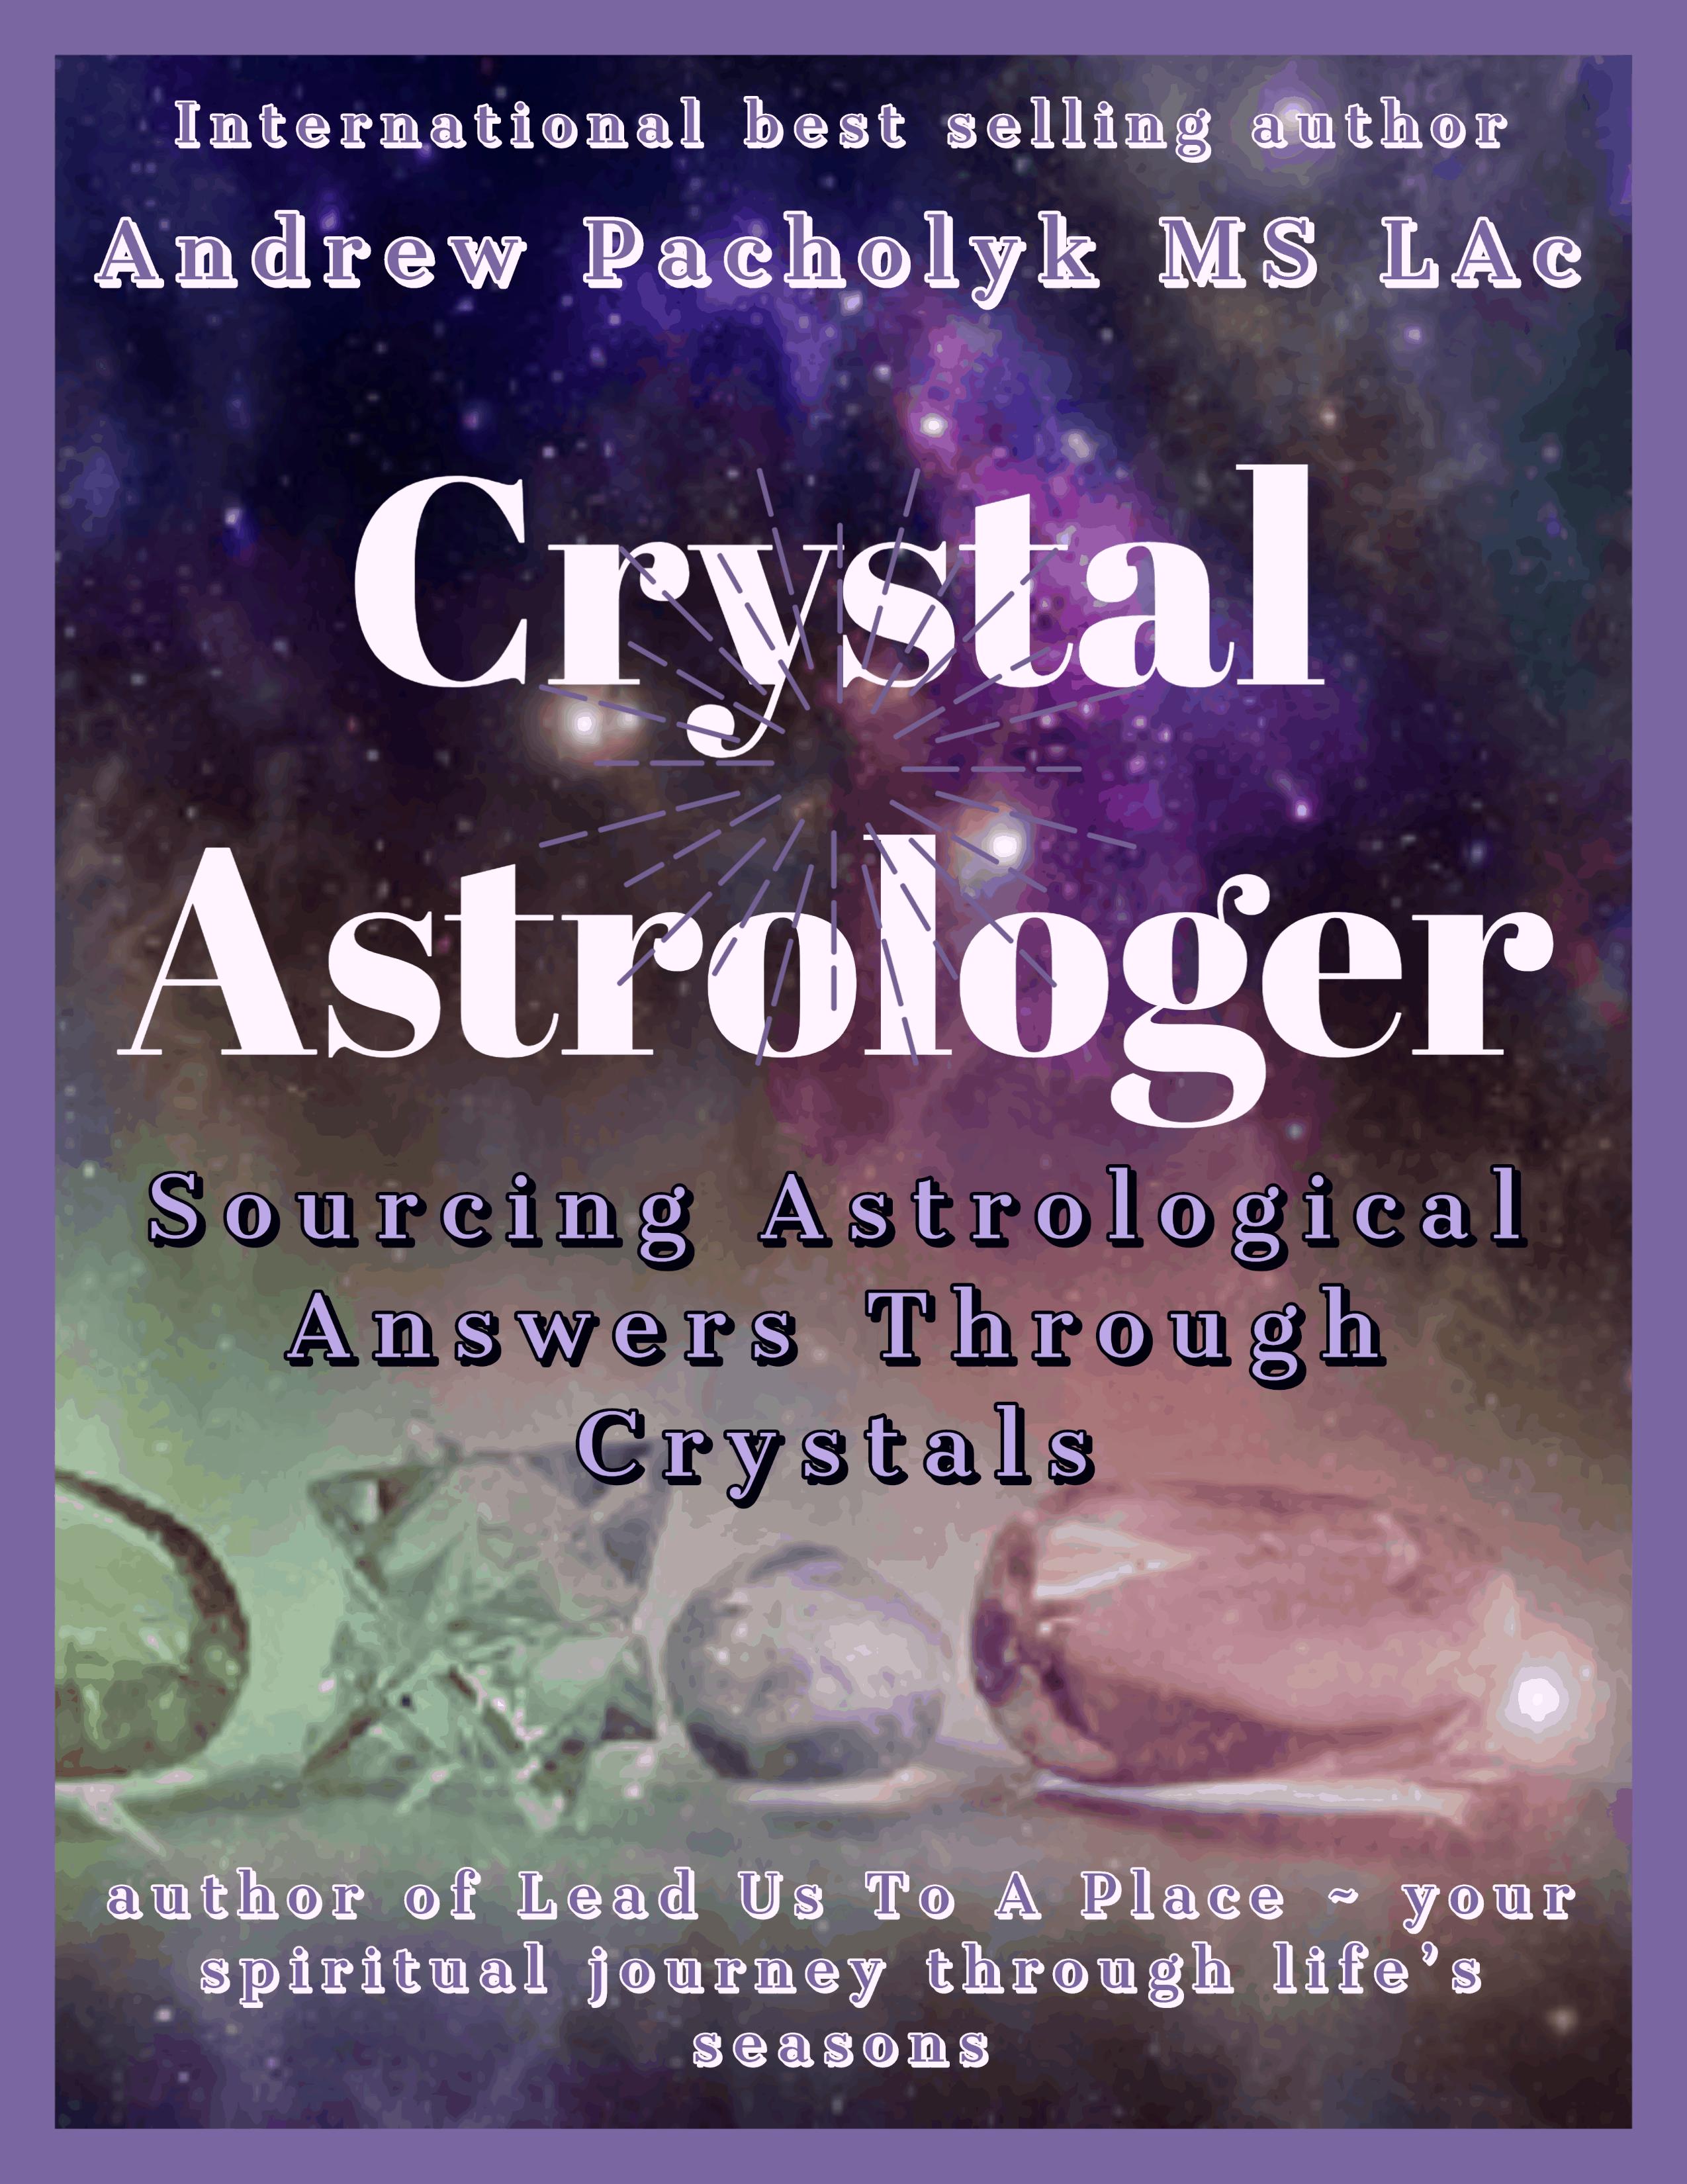 Crystal Astrologer